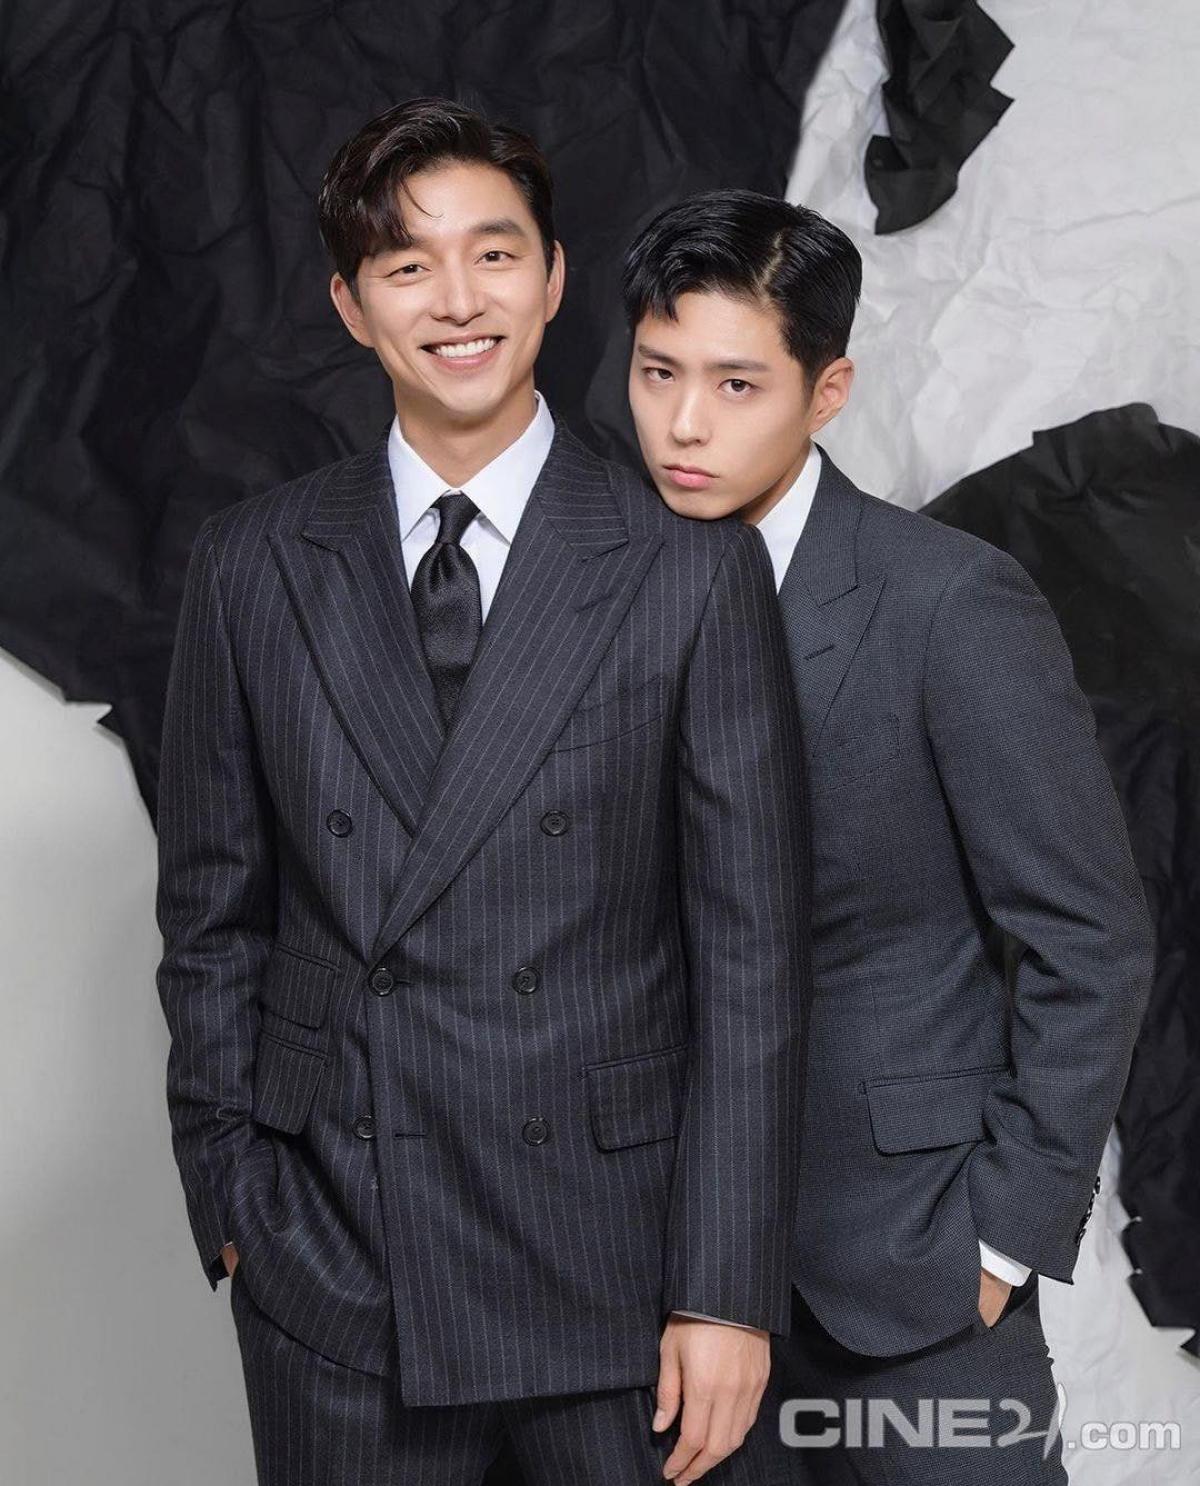 """Gong Yoo - Park Bo Gum hiện đang là những cái tên sáng giá của màn ảnh Hàn Quốc nên sự xuất hiện của cả hai trong cùng một khung hình khiến khán giả phấn khích. Sức nóng của bộ đôi đã khiến tạp chí này """"cháy hàng"""" ngay khi vừa mở bán."""